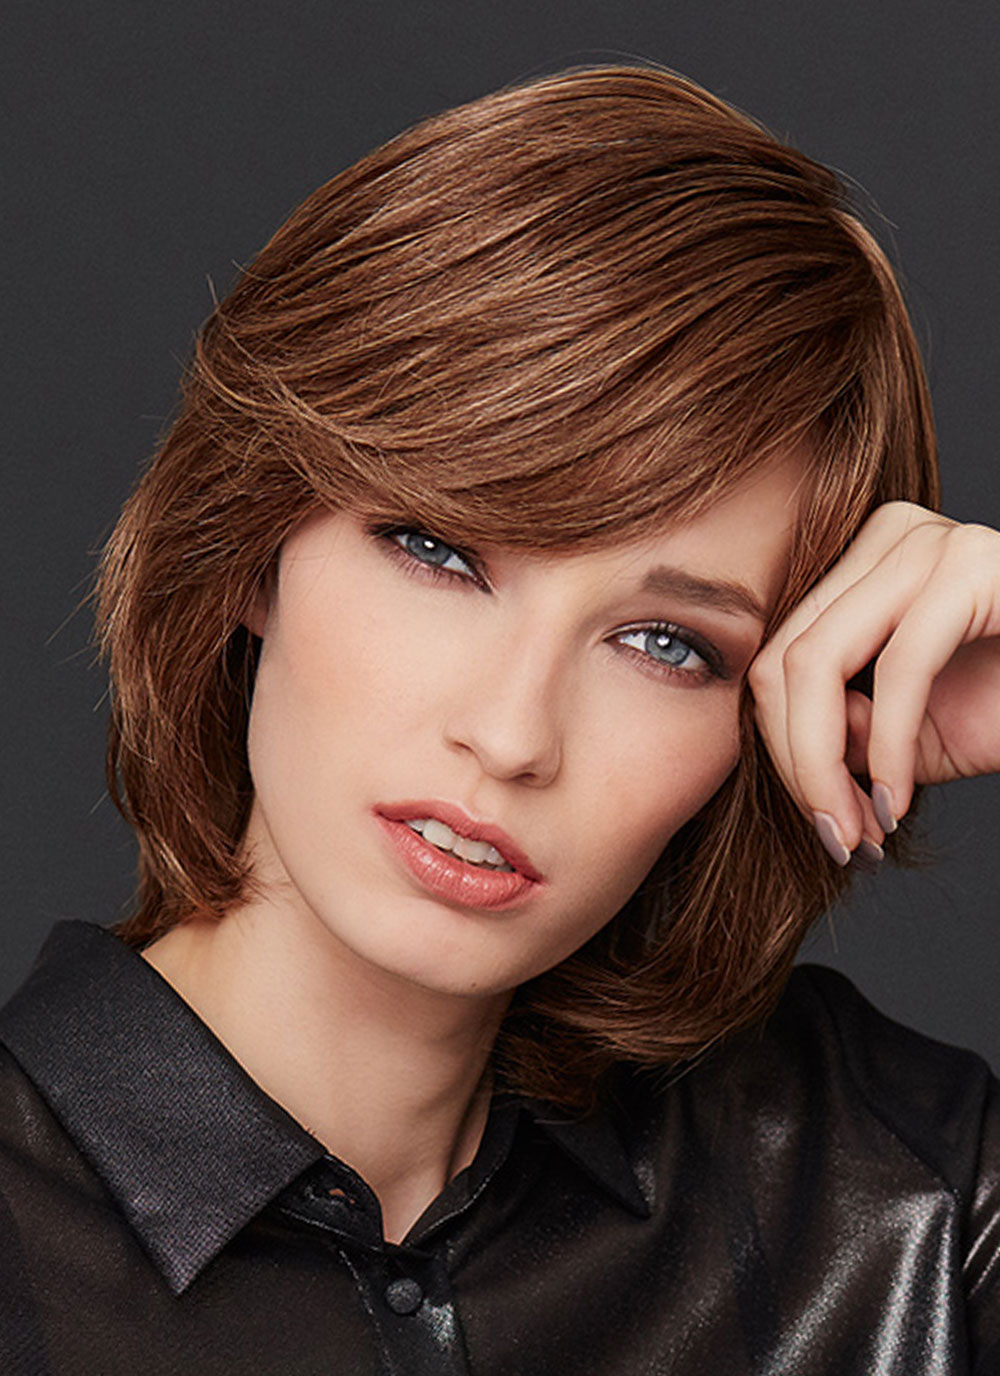 peruca par natural, peruca peruca luxery lace b, peruci cluj, peruci timisoara, peruca gisela mayer